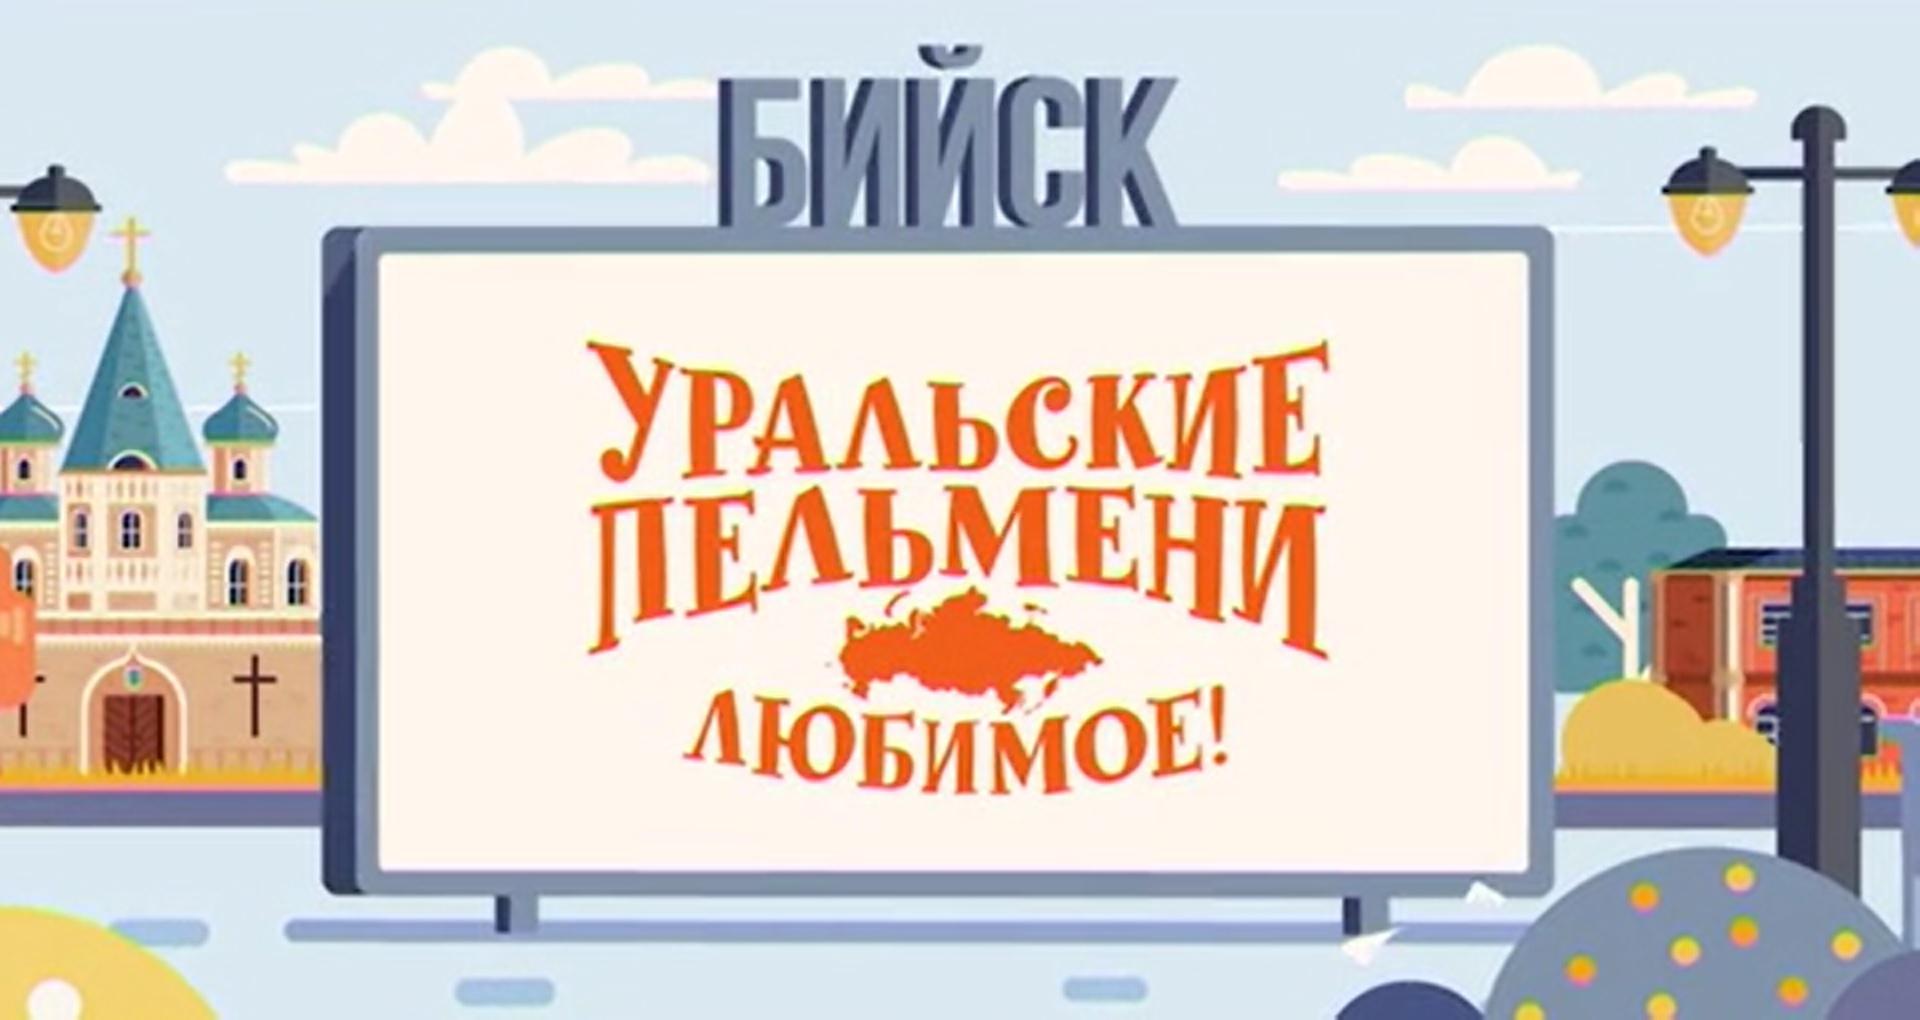 Творческий коллектив Уральские Пельмени пельмени. Любимое. Бийск